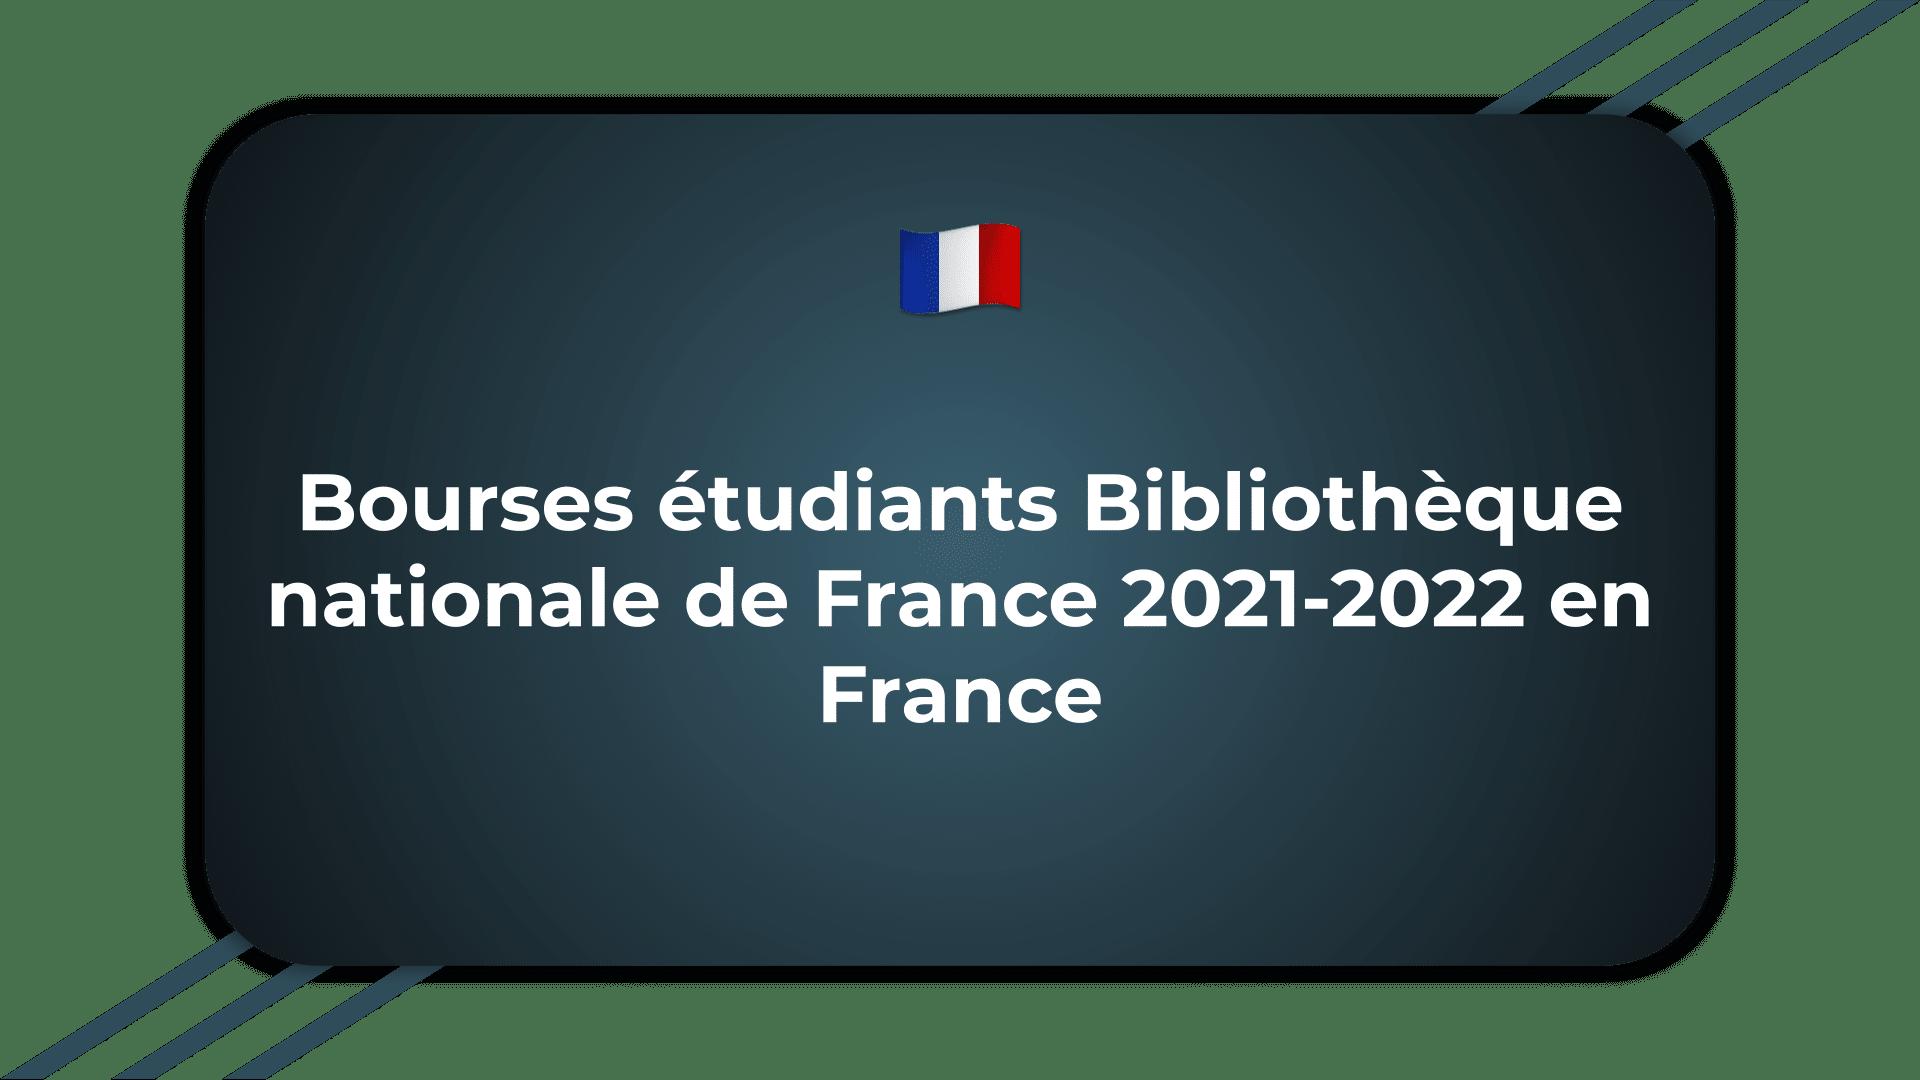 Bourses étudiants Bibliothèque nationale de France